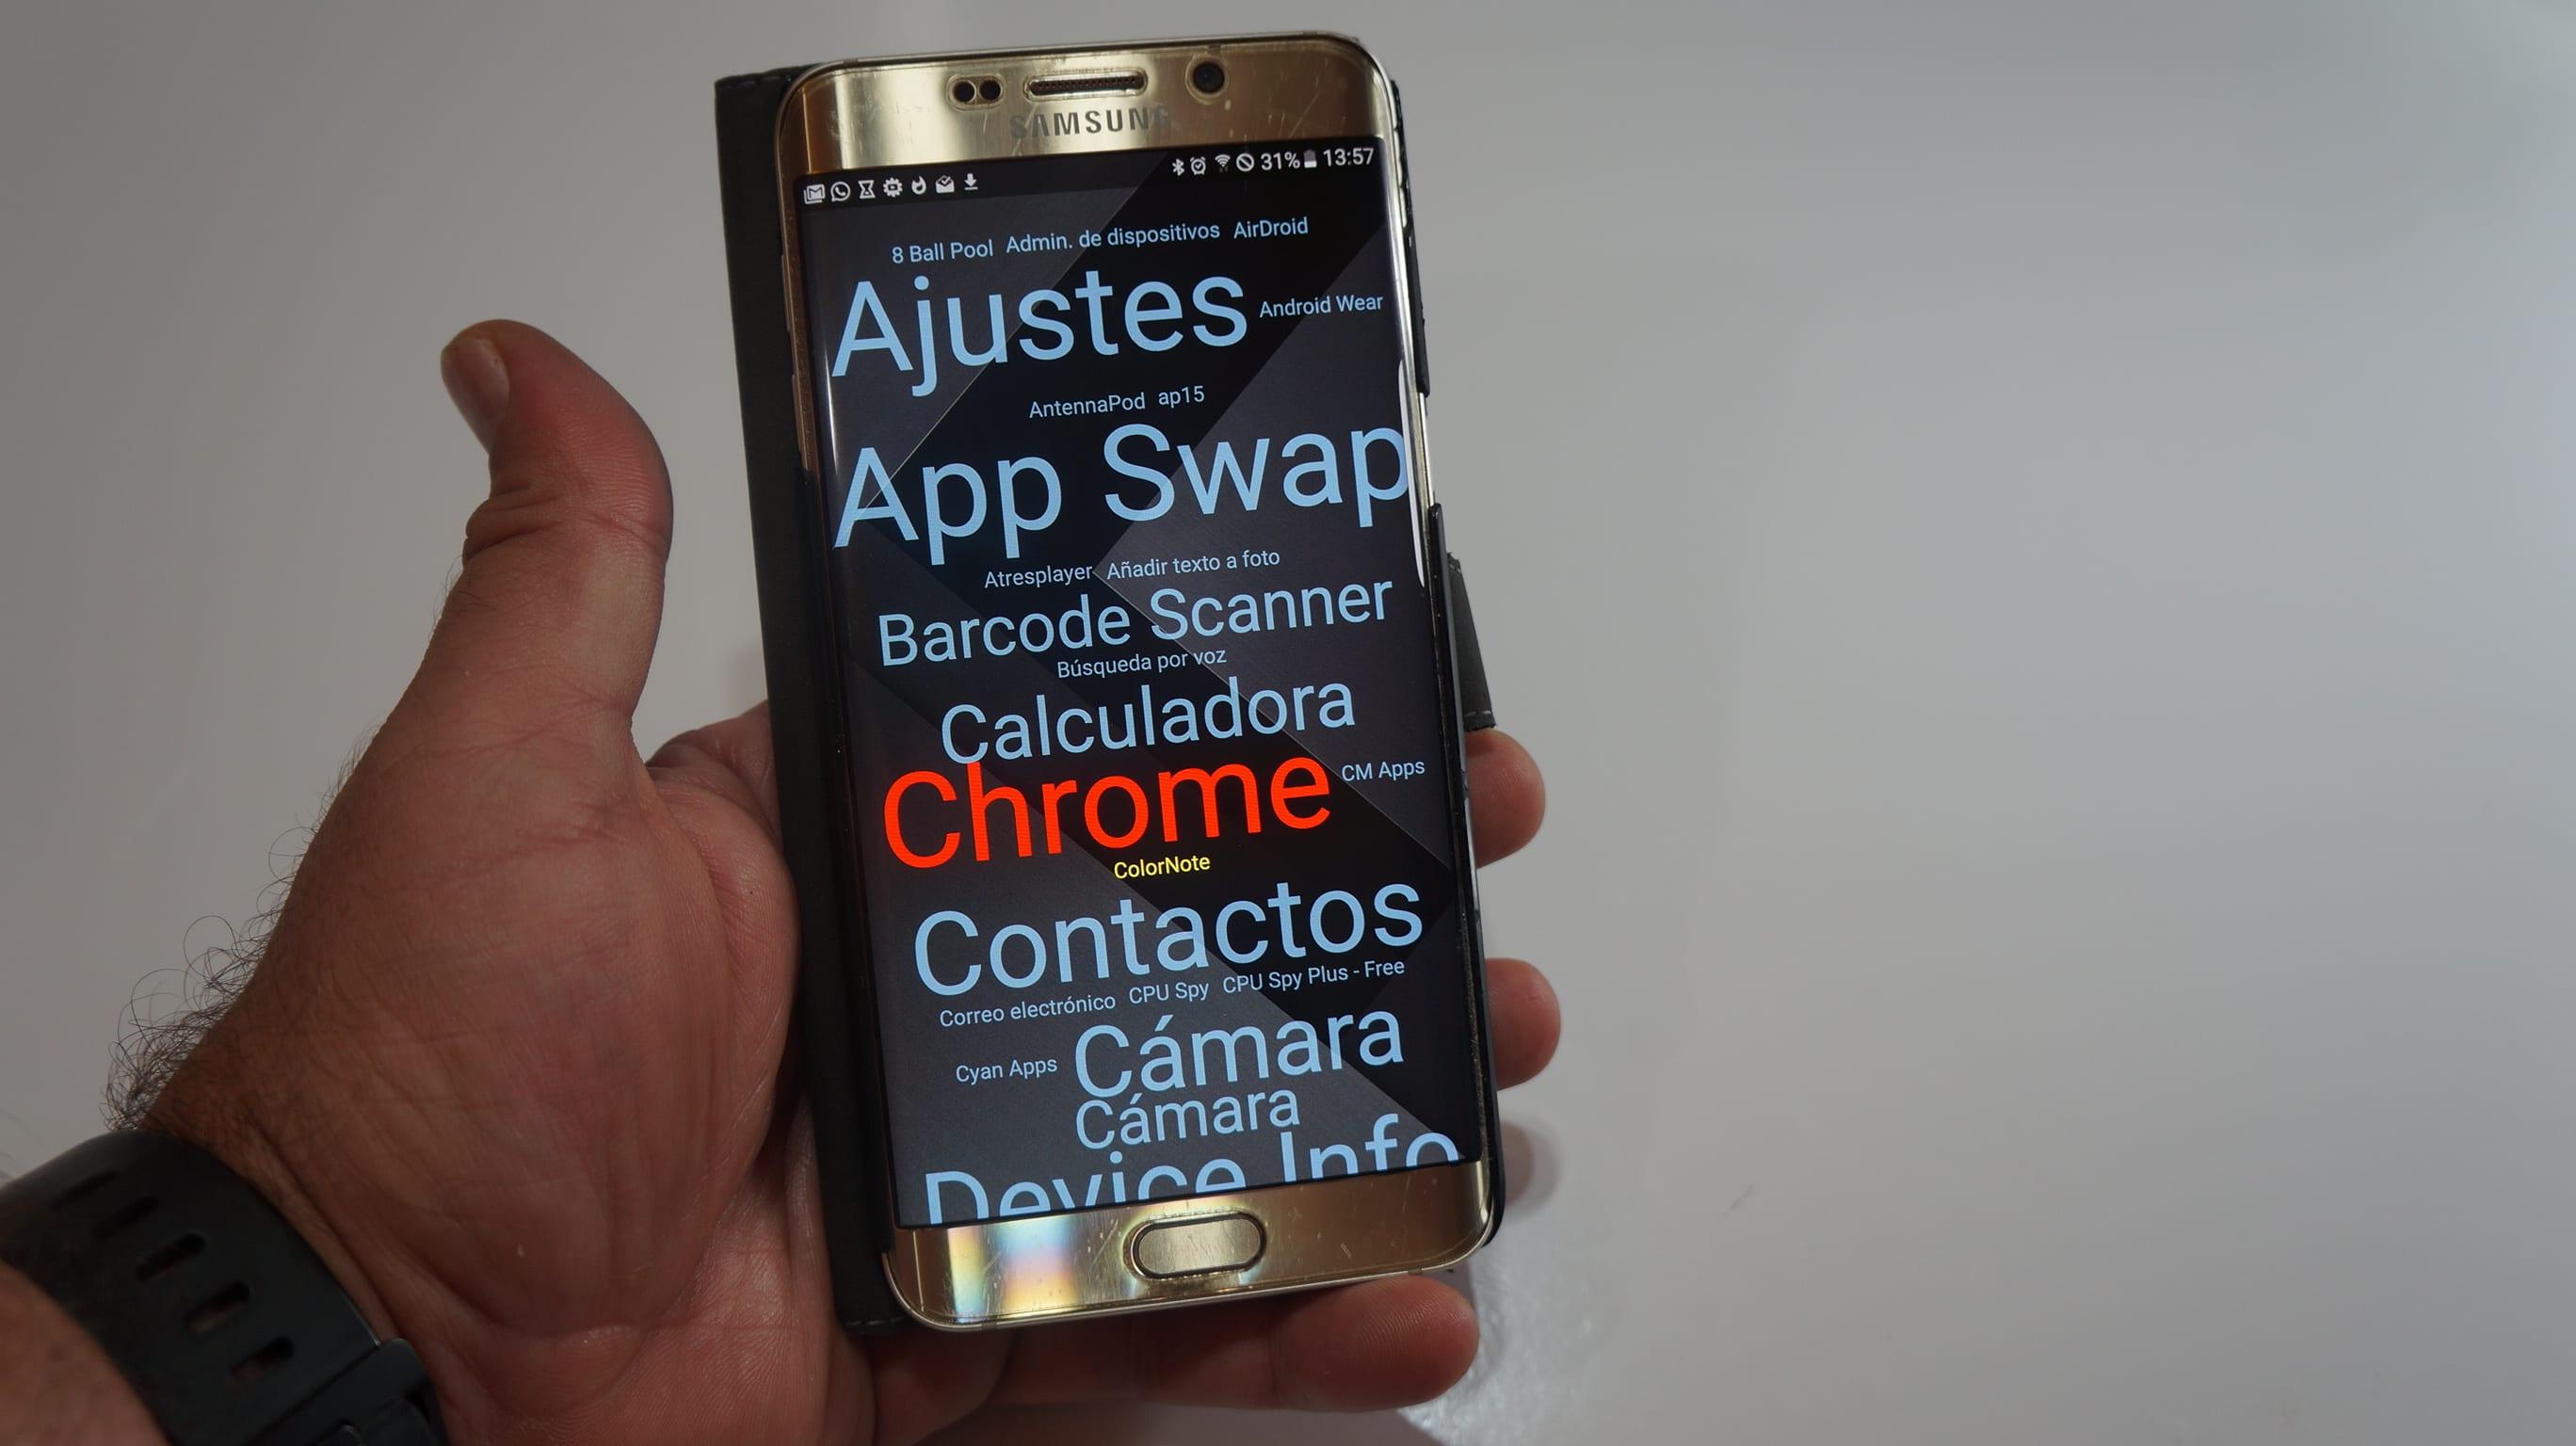 ap15 Launcher, un Launcher Android minimalista, funcional y diferente que te va a encantar